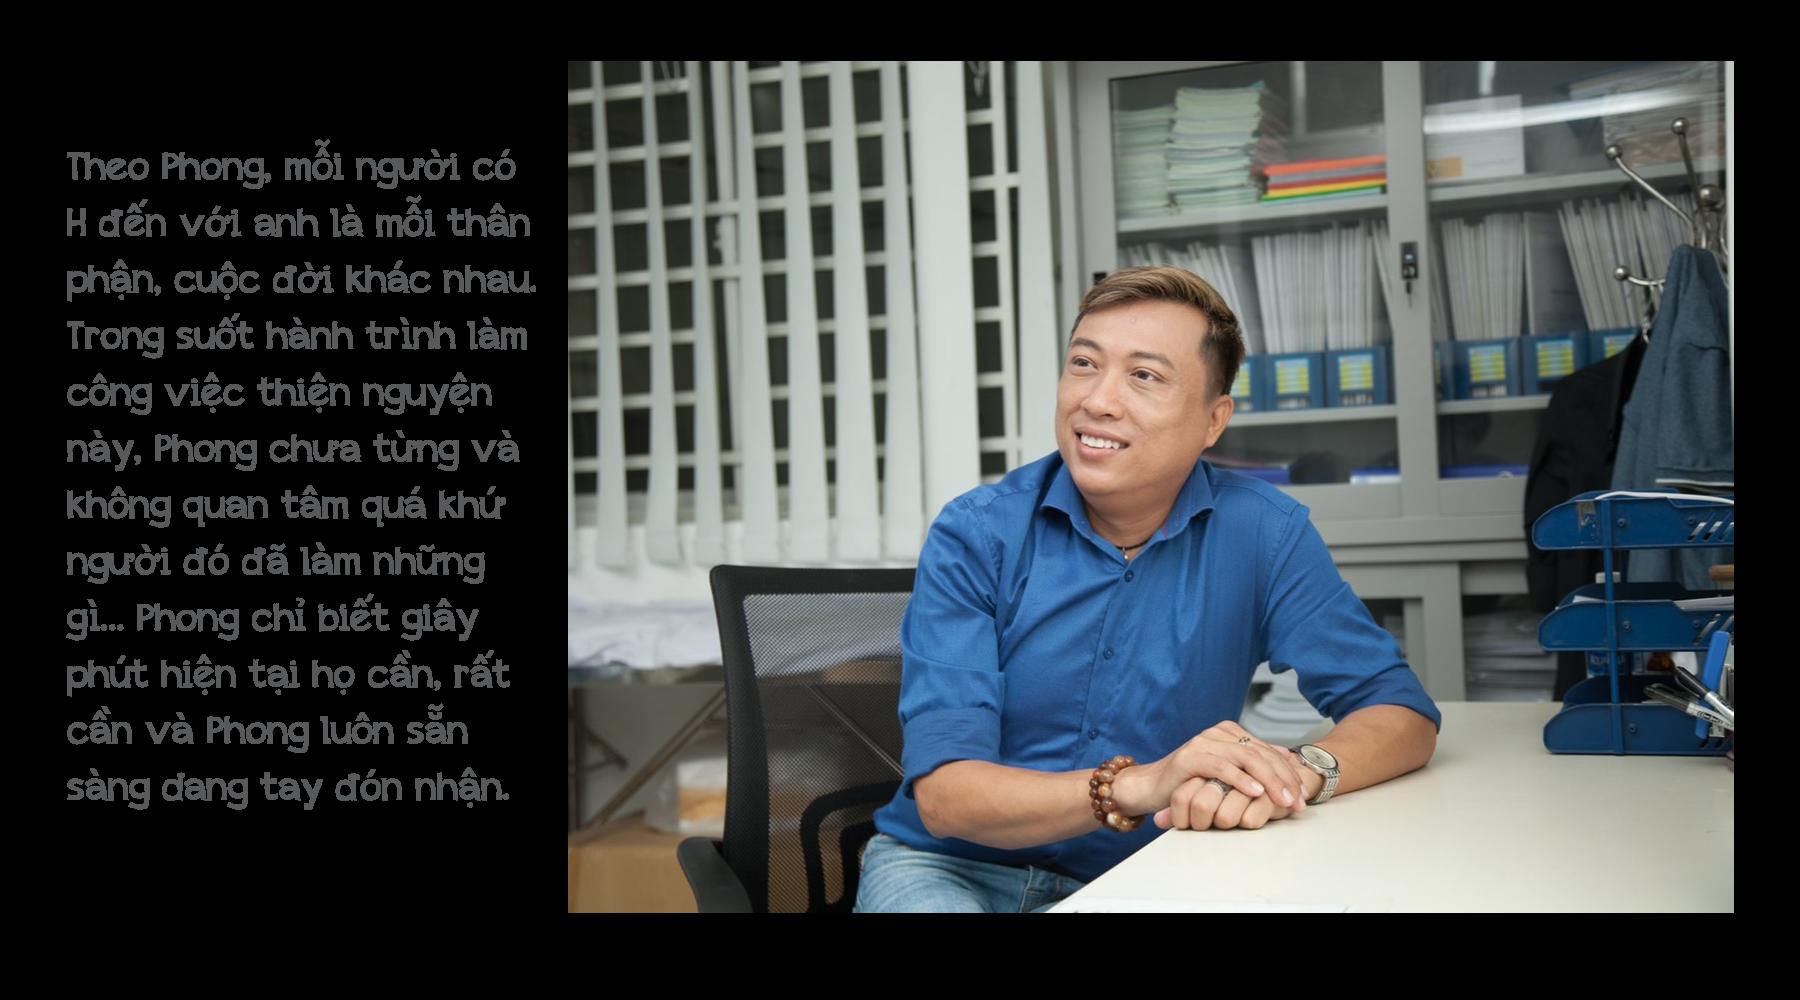 [eMagazine] - Chuyện của Phong, người tiên phong phòng, chống HIV/AIDS - Ảnh 7.